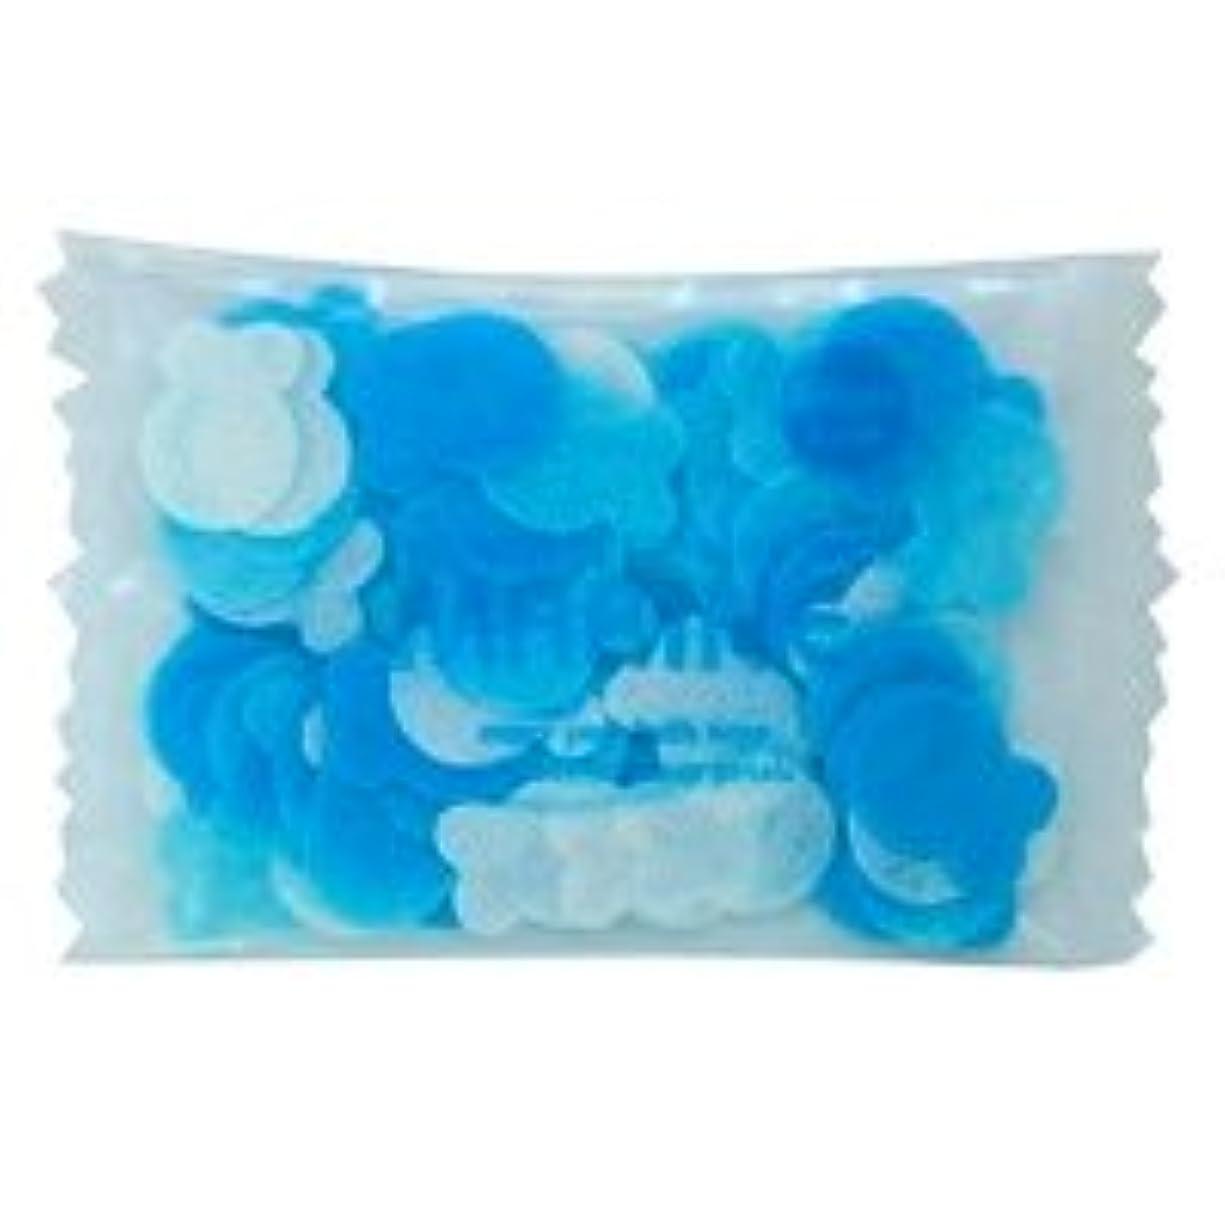 政策オーケストラ温度フラワーペタル バブルバス ミニパック「マリン」20個セット 穏やかで優しい気持ちになりたい日に心をなごませてくれる爽やかなマリンの香り